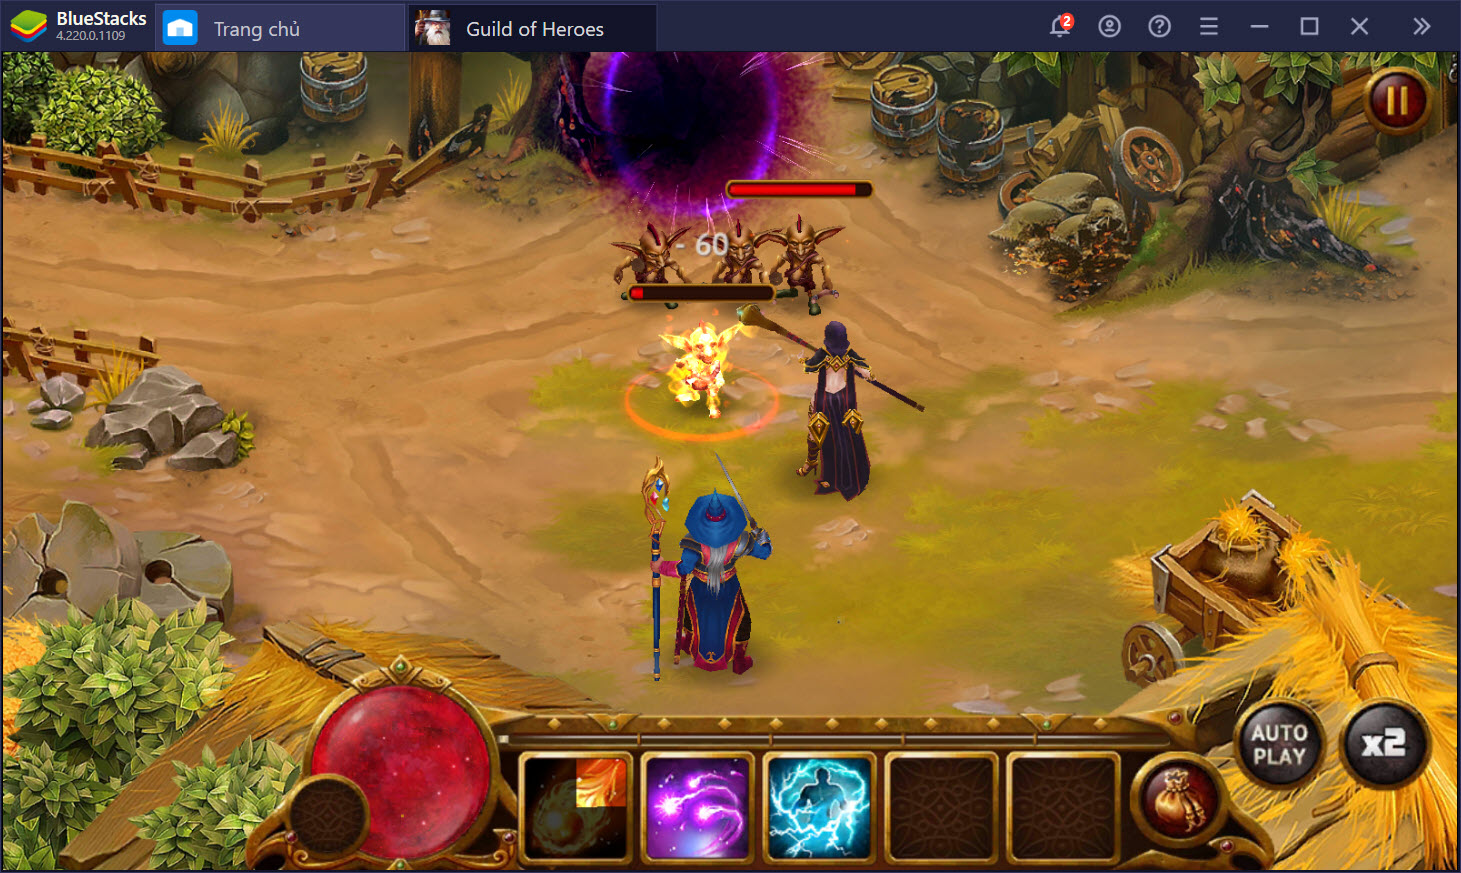 Guild of Heroes: Khám phá thế giới ma thuật phương Tây cùng BlueStacks